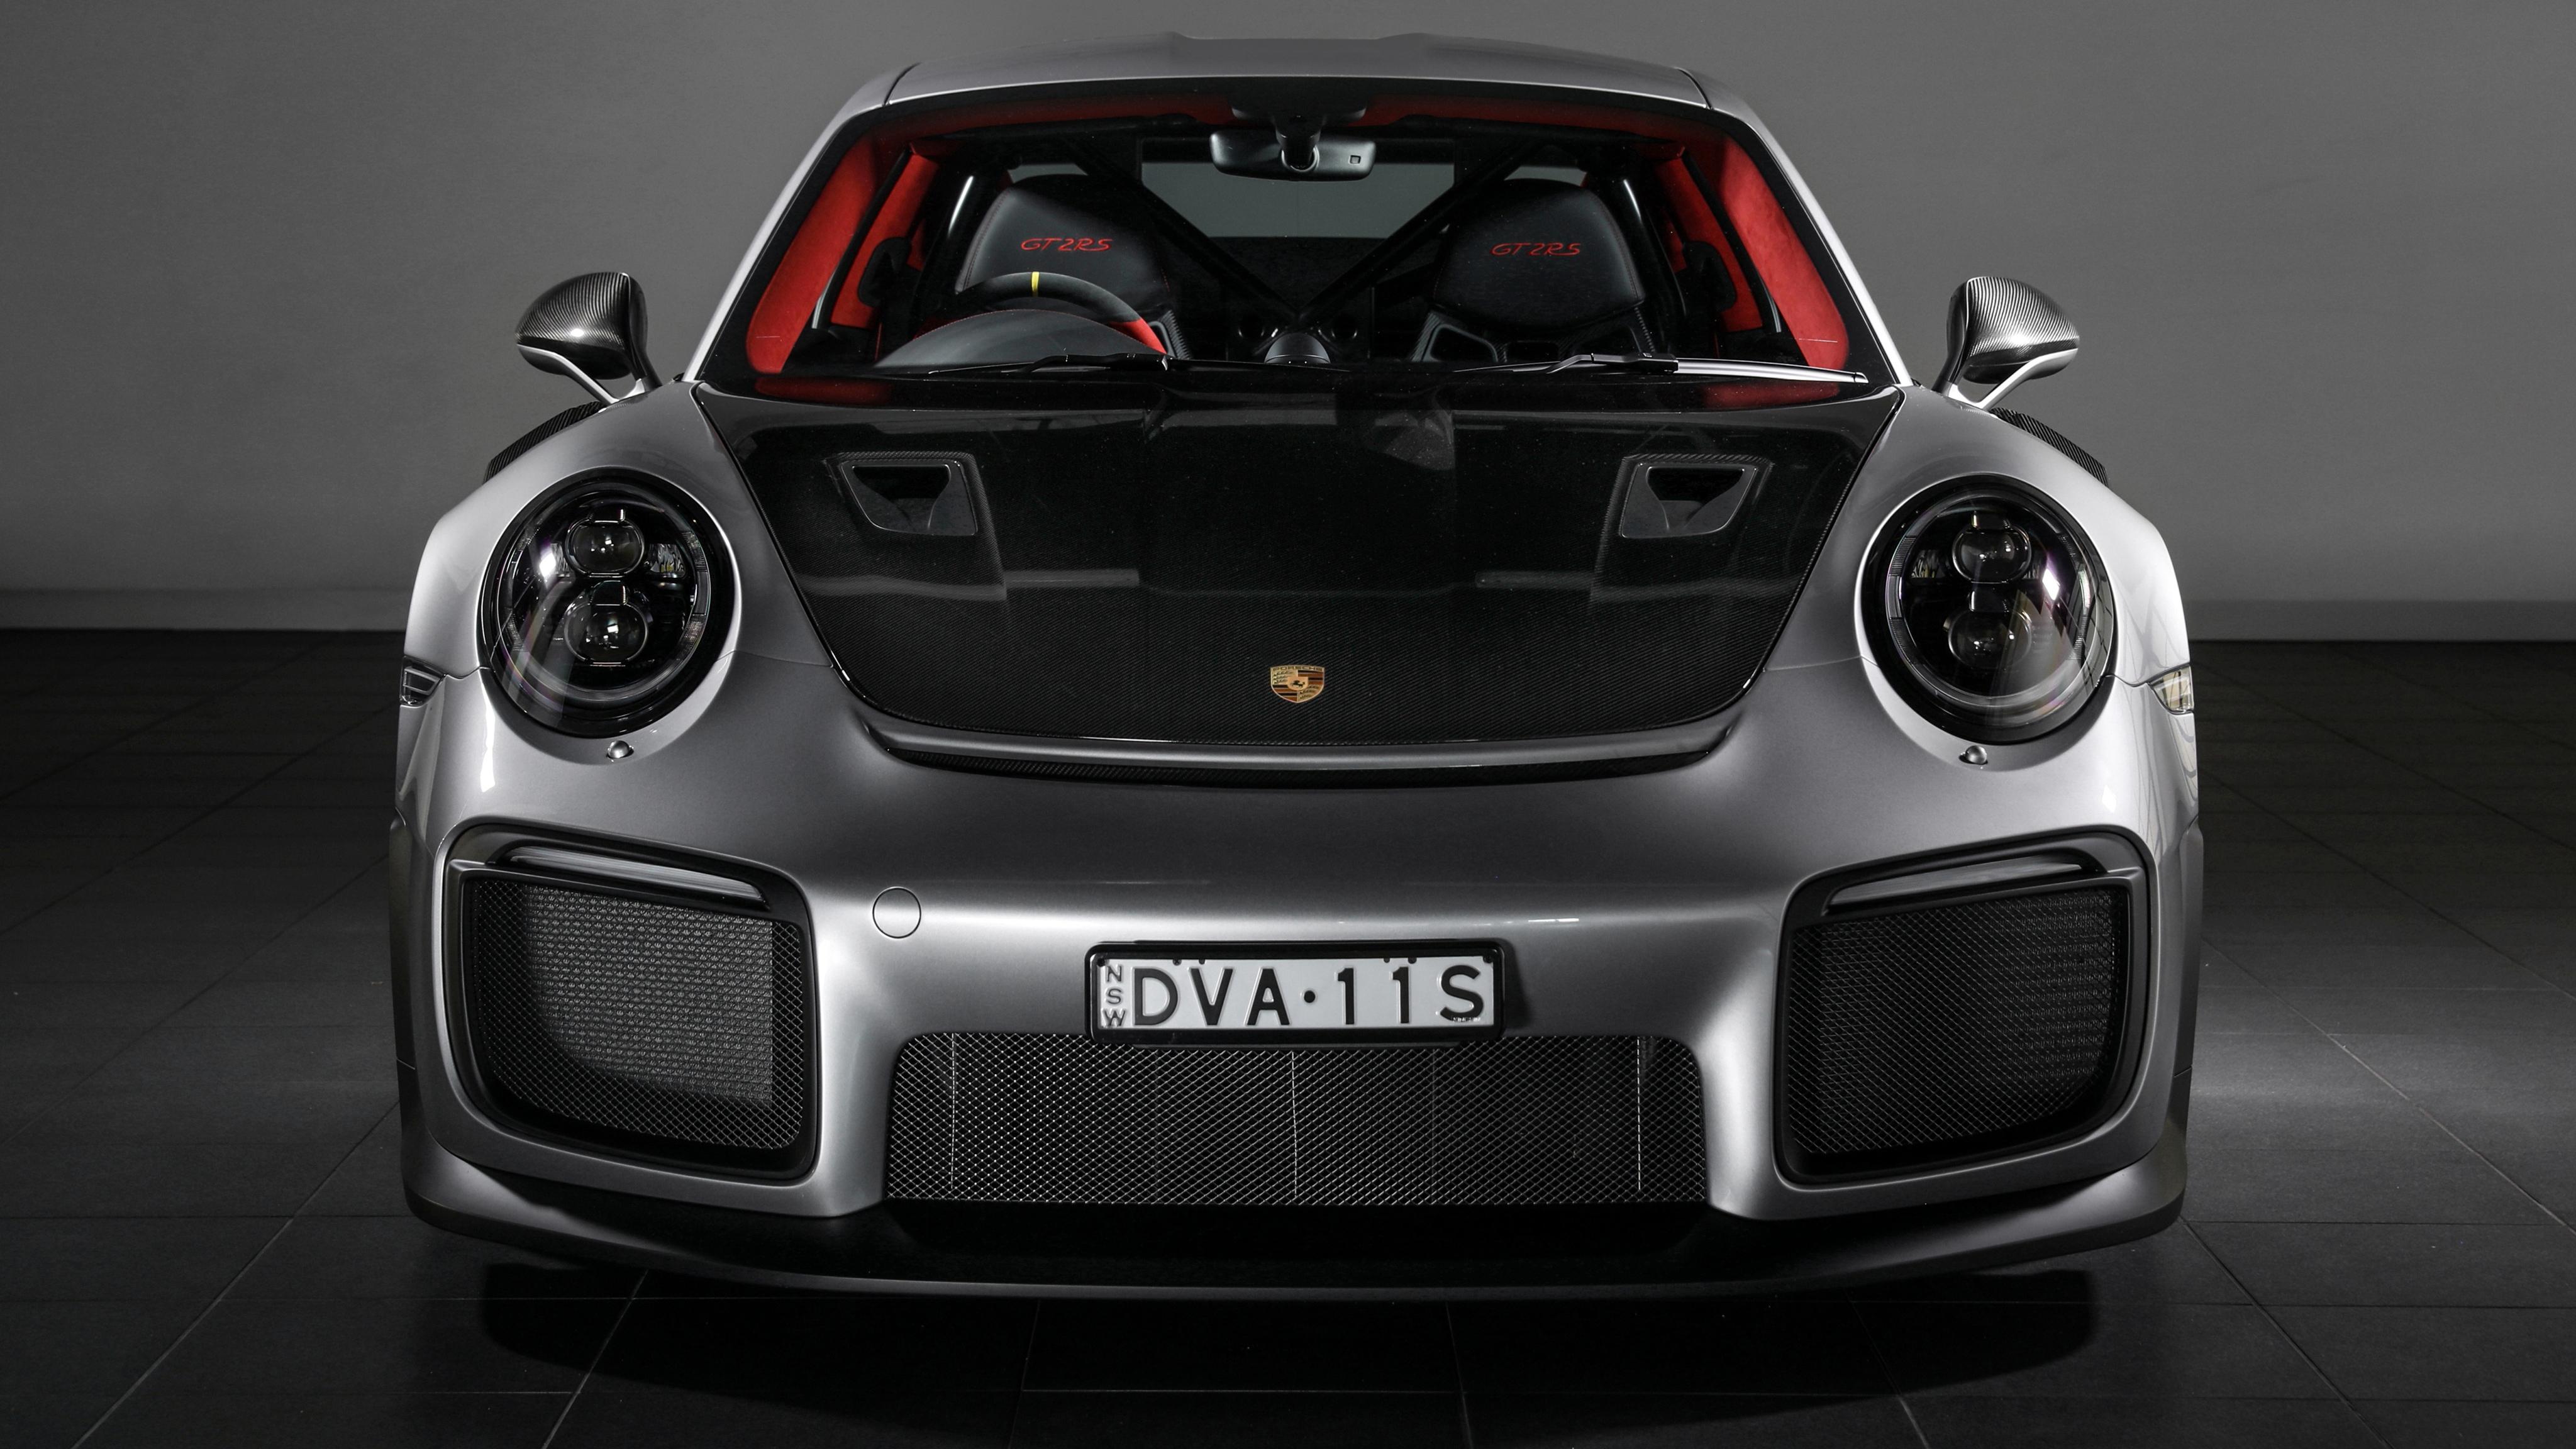 2018 Porsche 911 Gt2 Rs 4k 3 Wallpaper Hd Car Wallpapers Id 10097